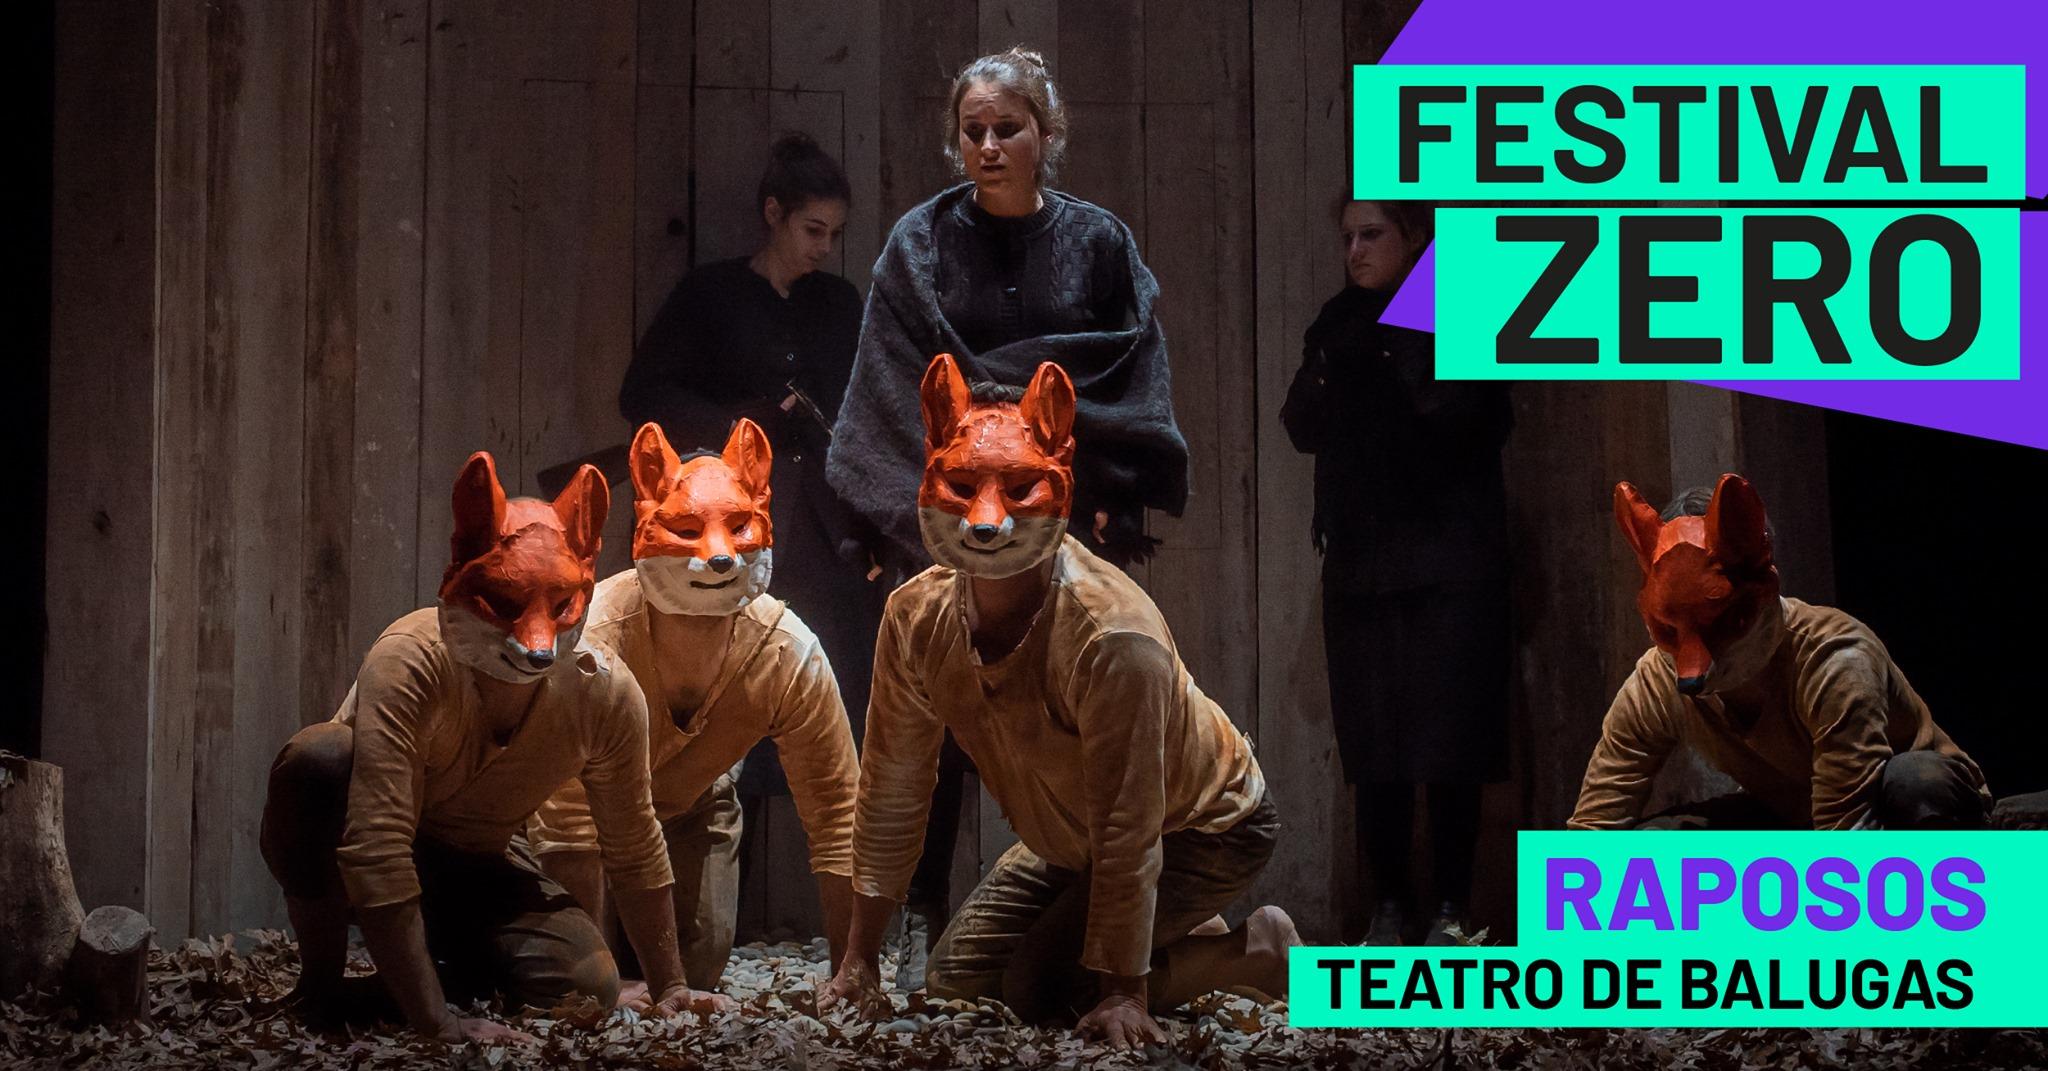 Raposos, Teatro de Balugas